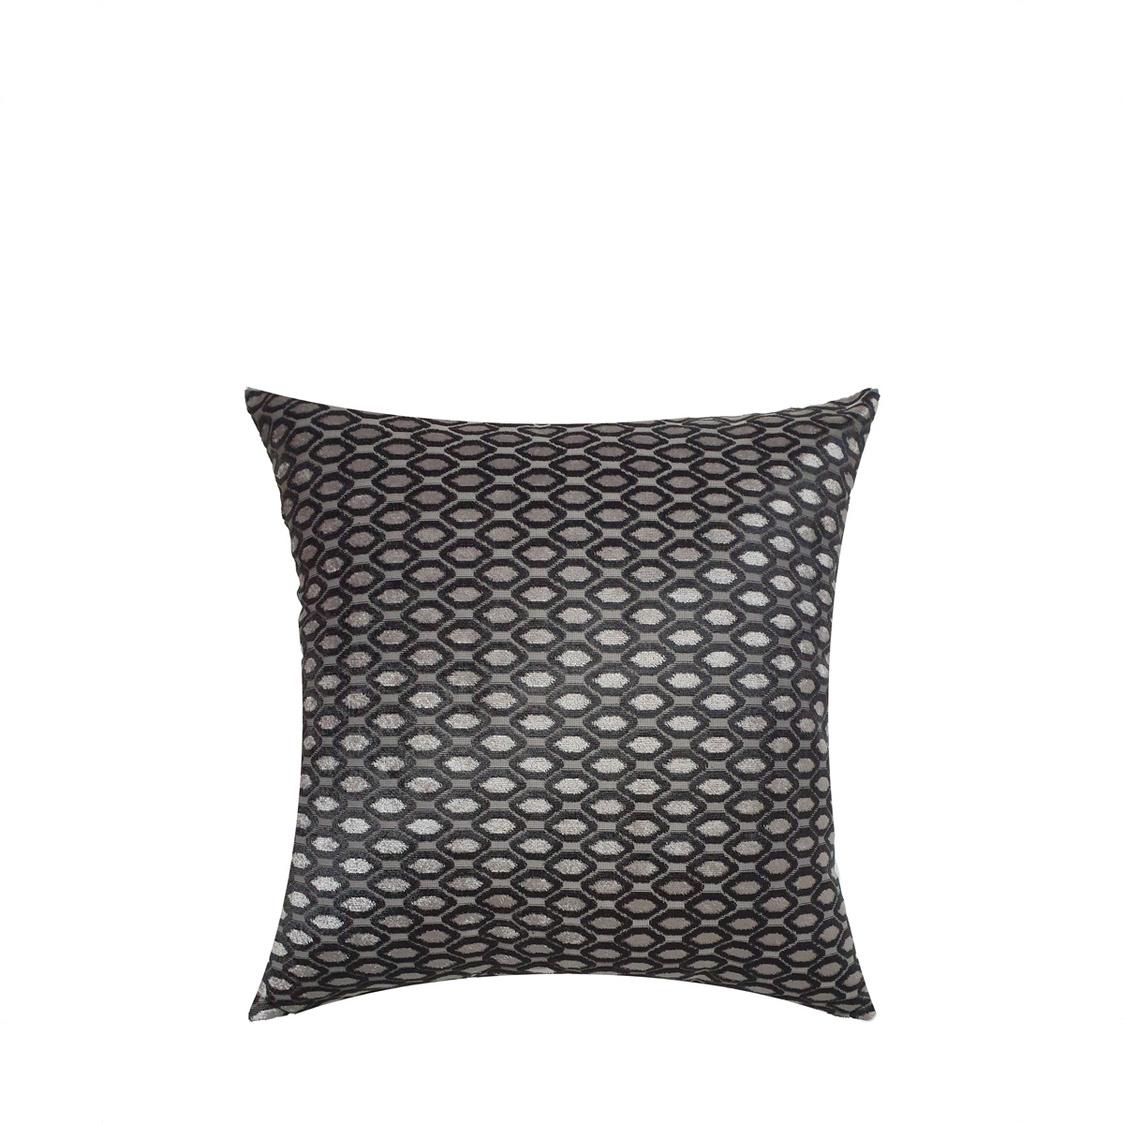 JRapee Puccini Cushion Cover Black 43x43cm